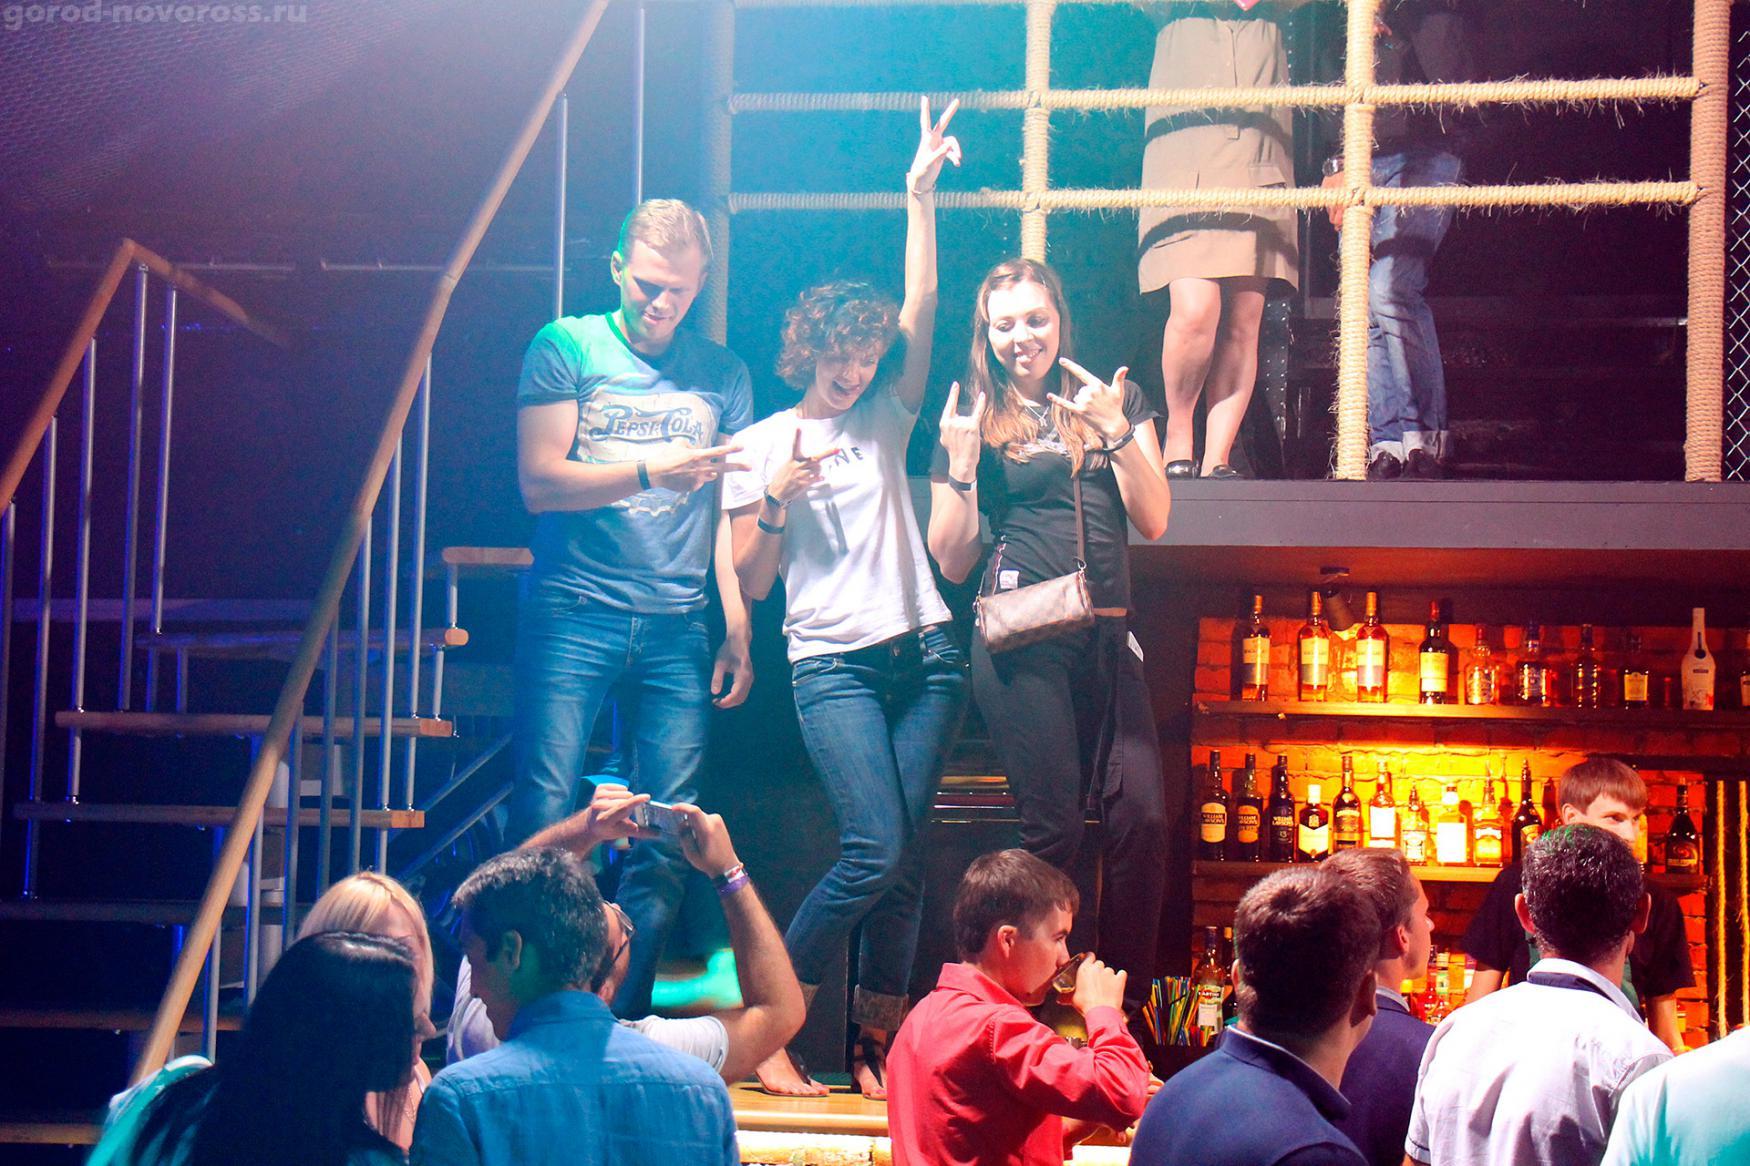 Ночные клубы новороссийска фото